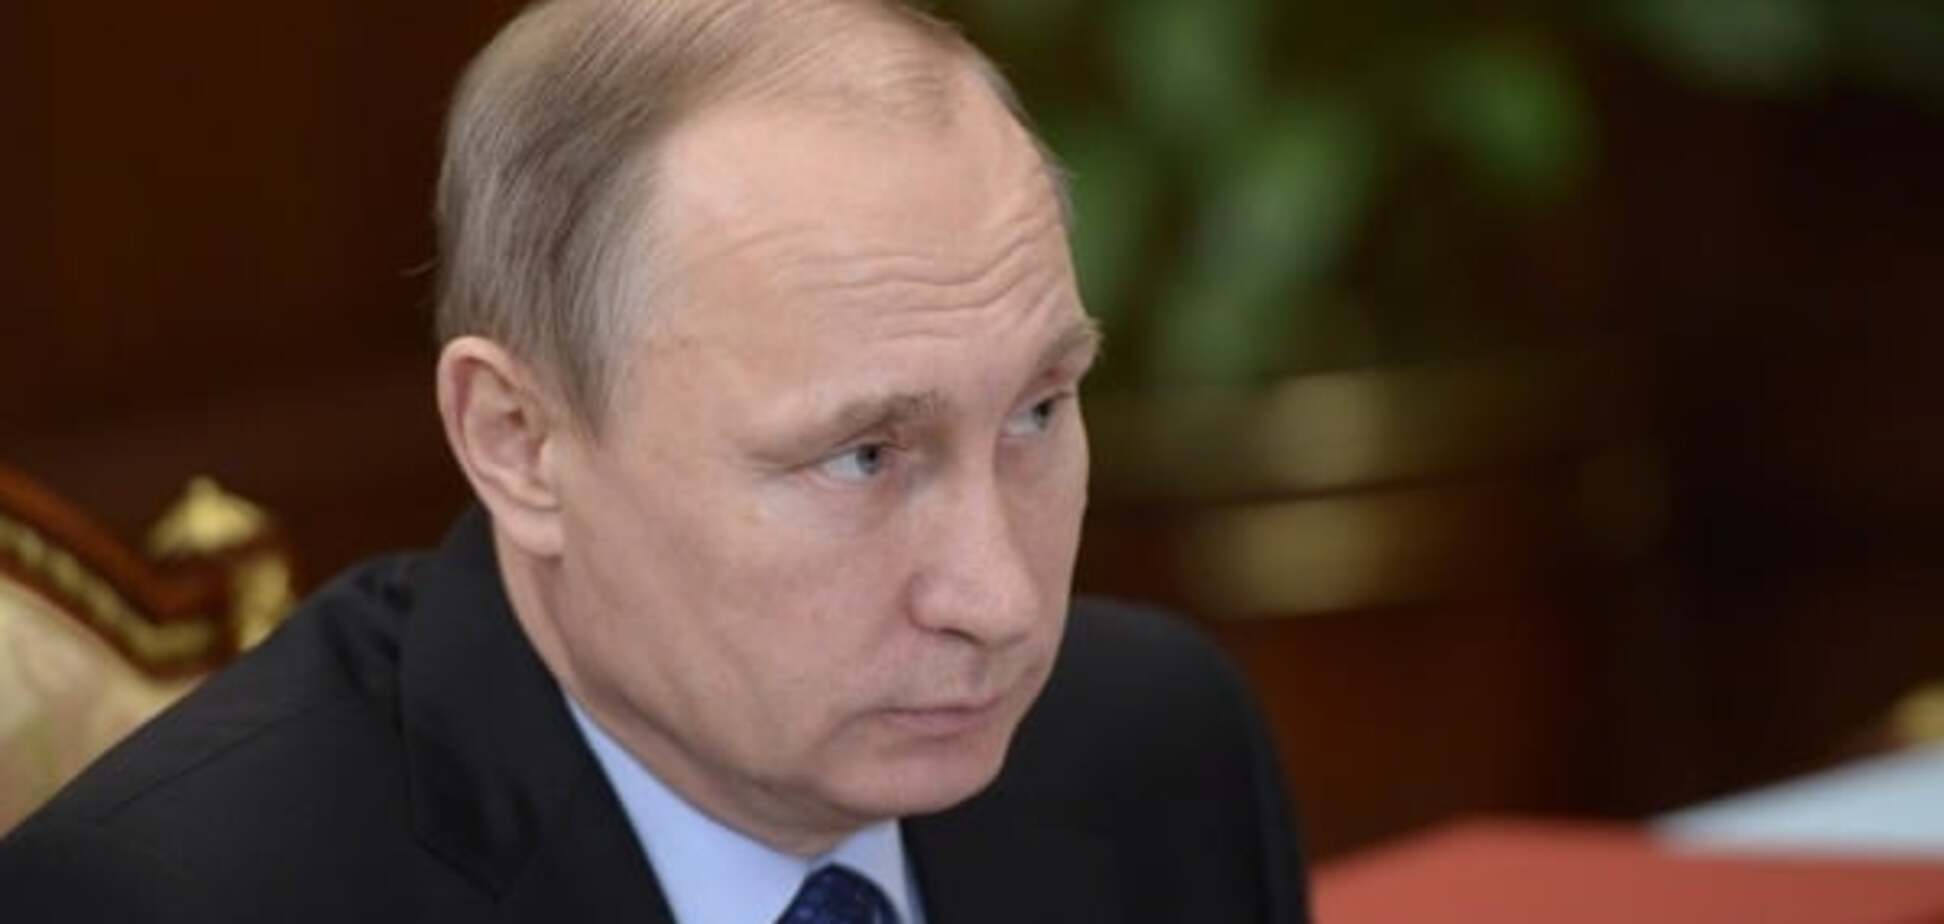 Жорстка реальність: історик розповів, що чекає путінську Росію в 2016 році